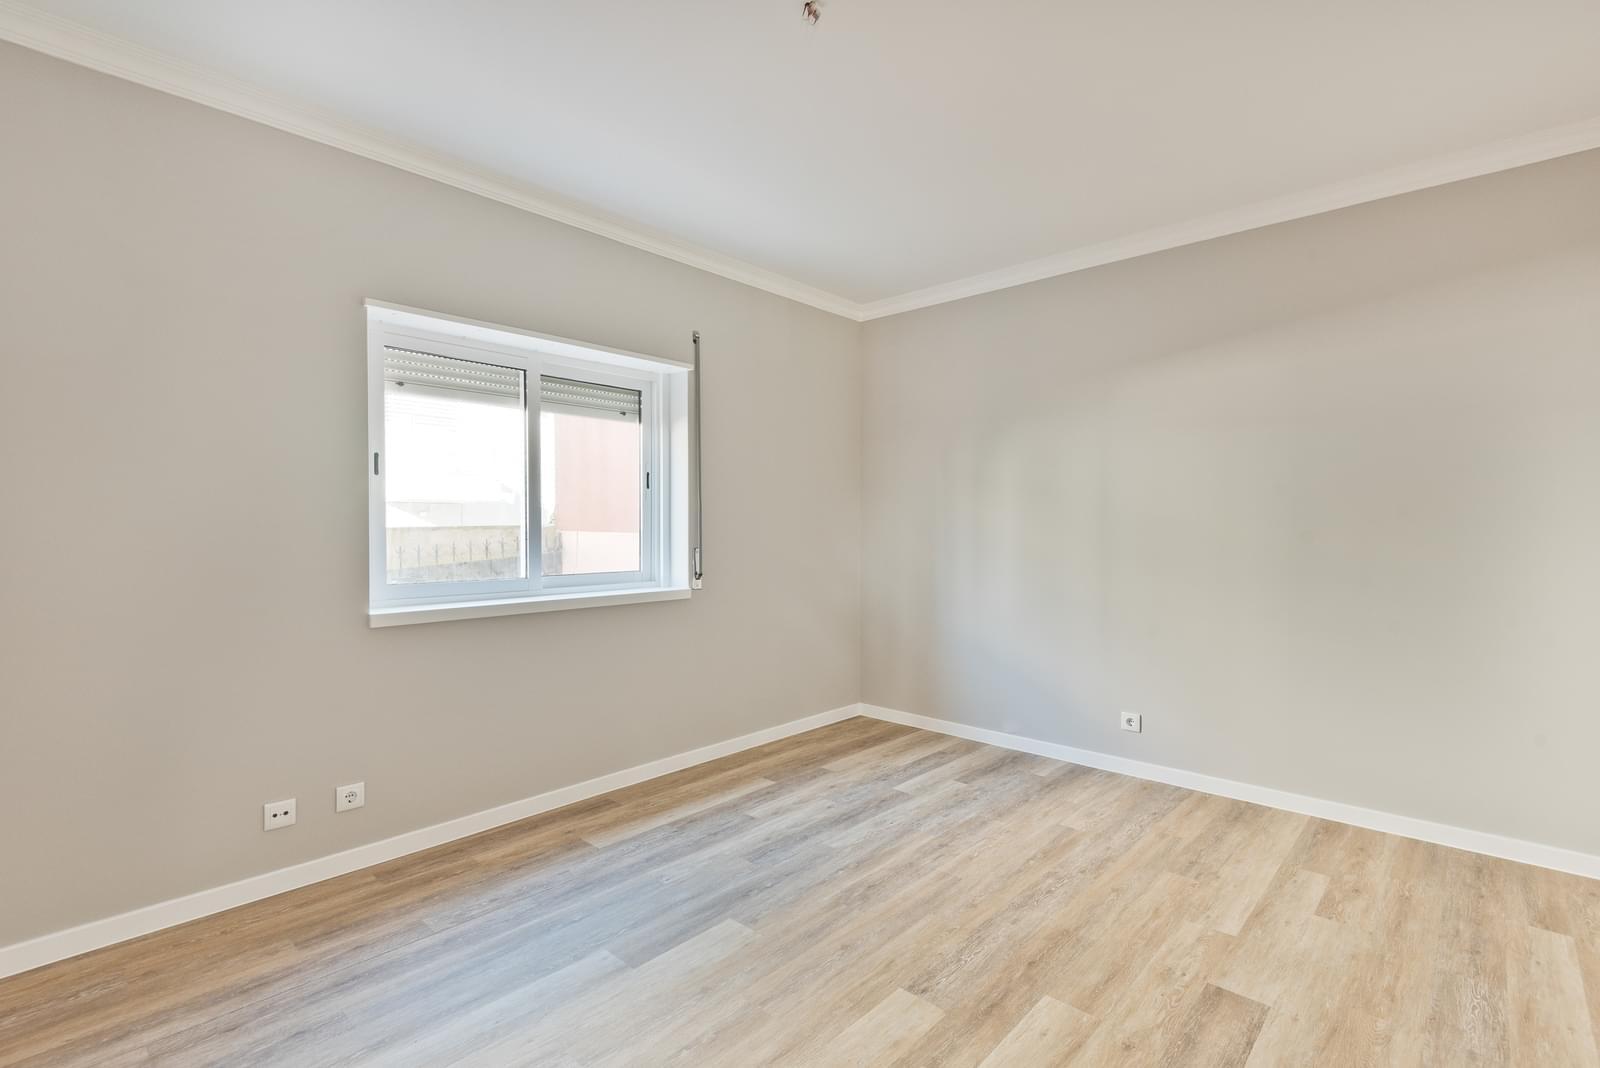 pf18908-apartamento-t2-cascais-90048139-29da-4af8-b038-b8eaa5f3c907